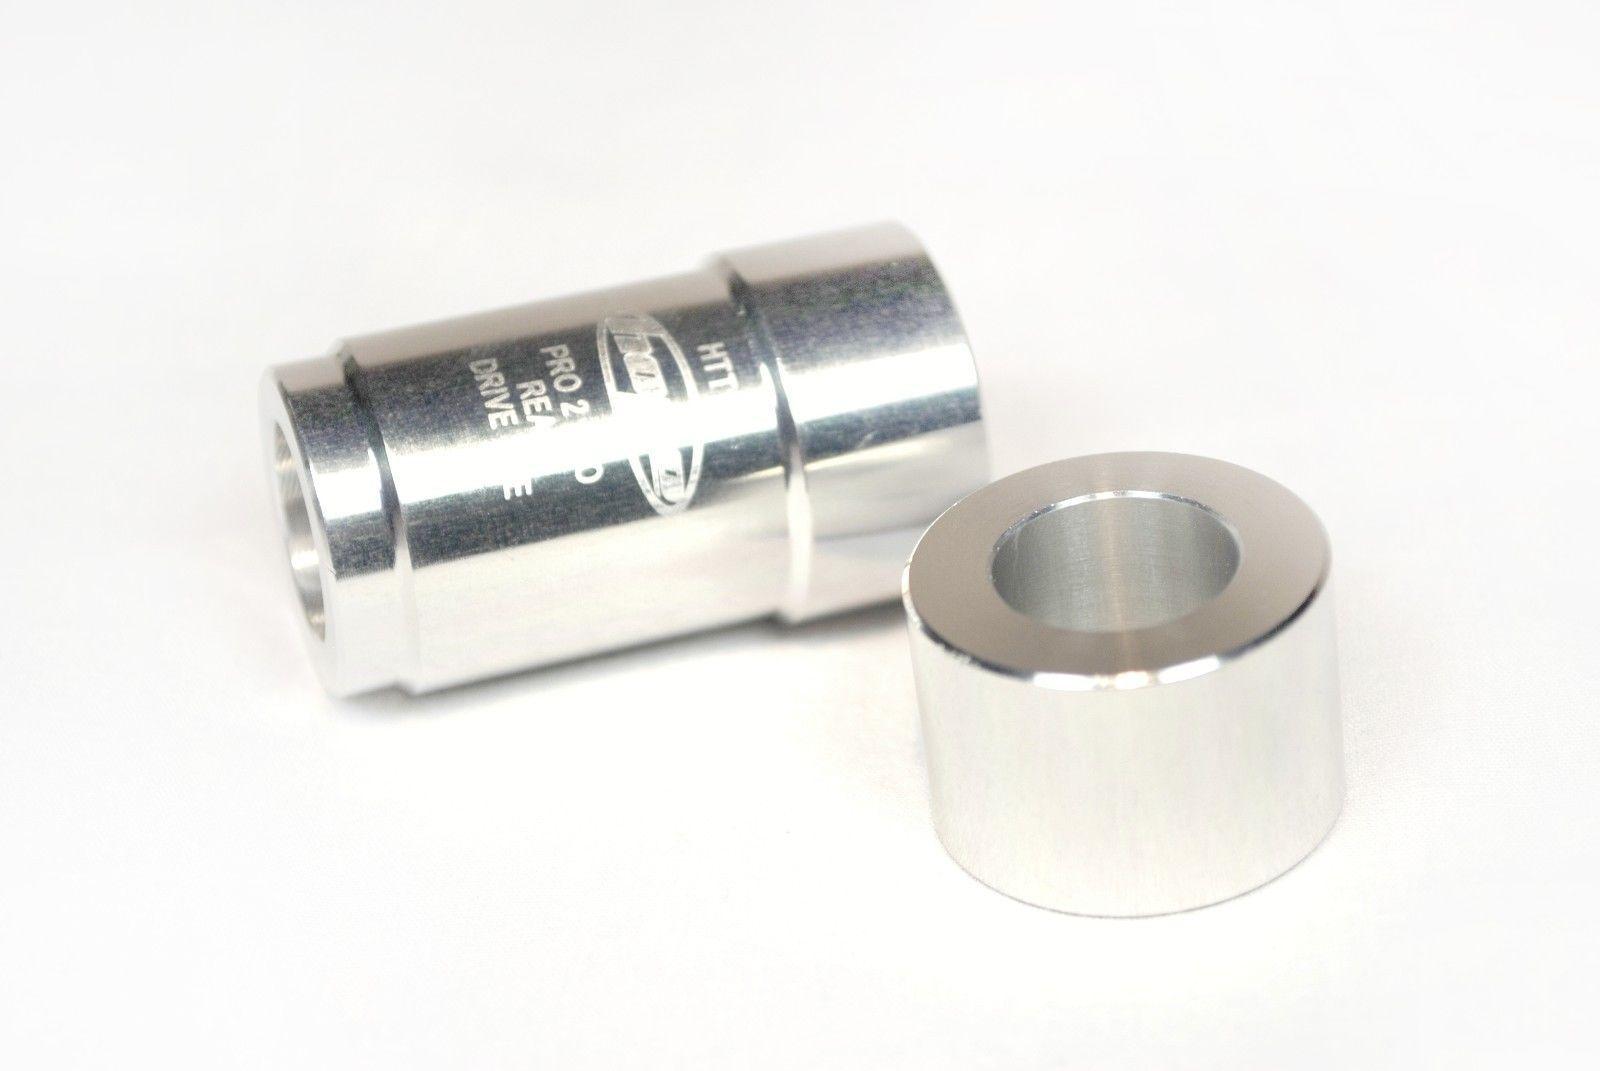 Hope Pro 4 Hub Bearing Complete Tool Kit HTT173 HTT1003-06S HTT182 Brand New